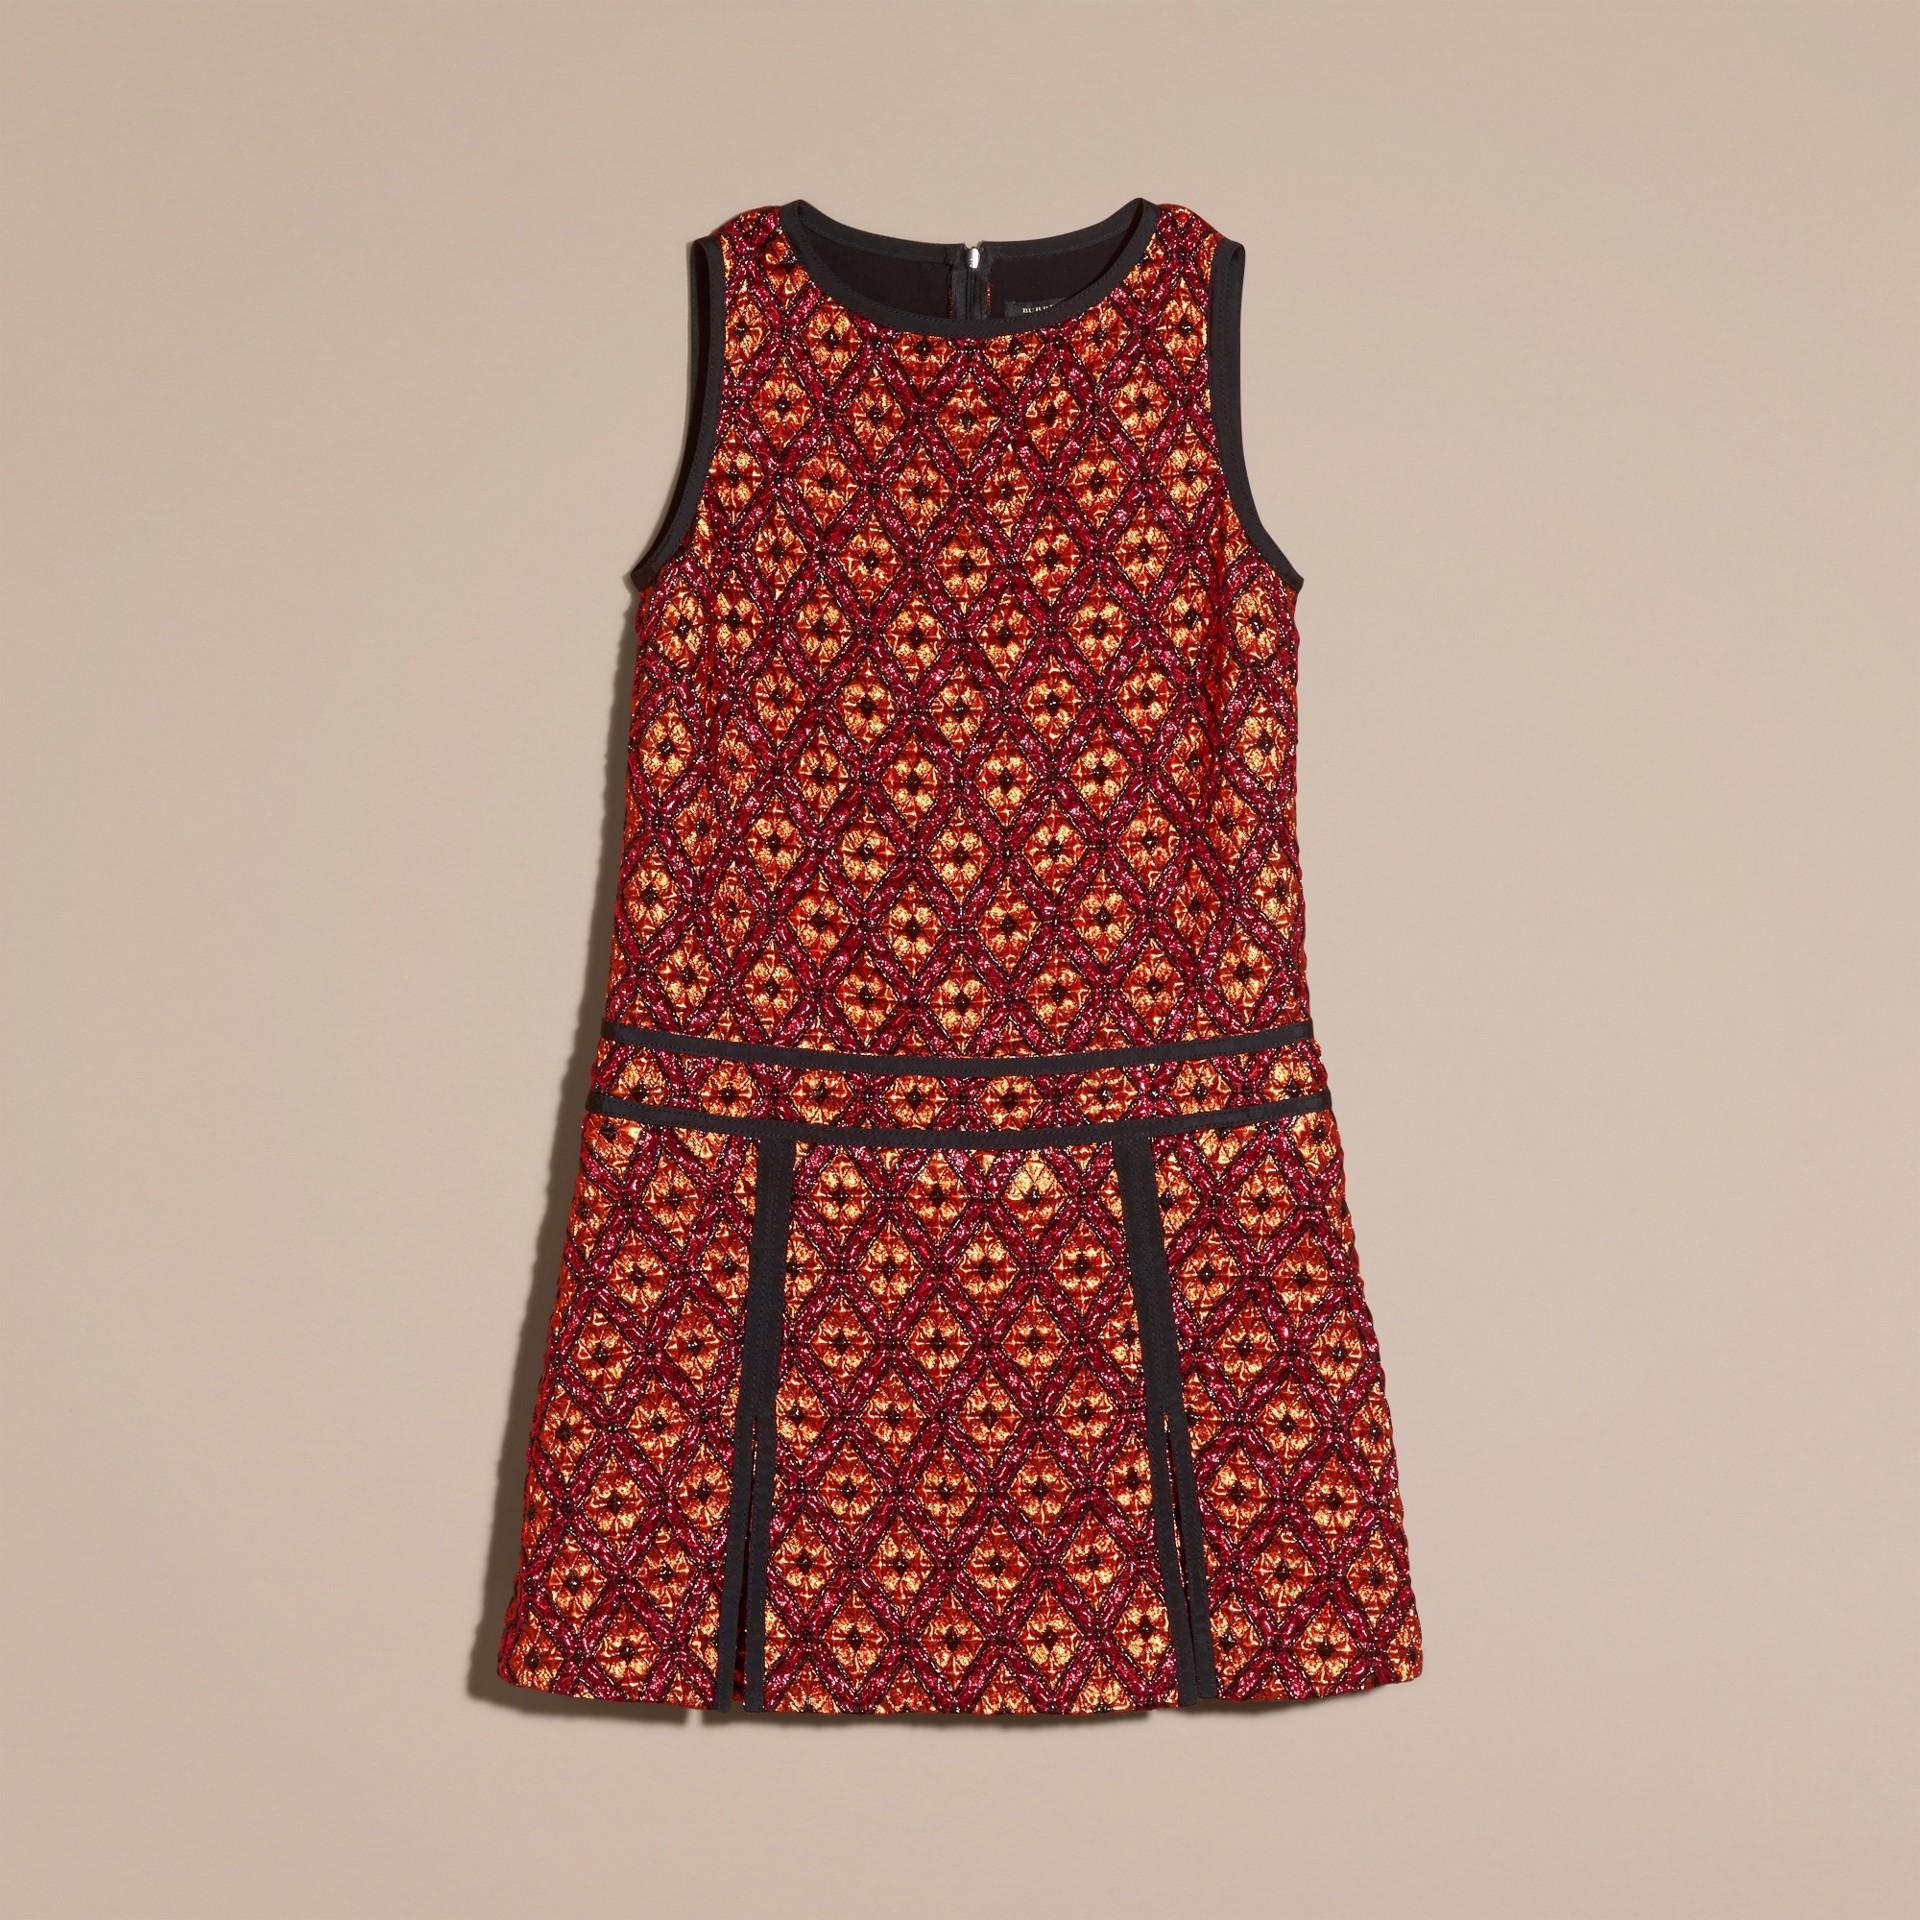 Cinnamon red Diamond Jacquard Sleeveless Dress - gallery image 4